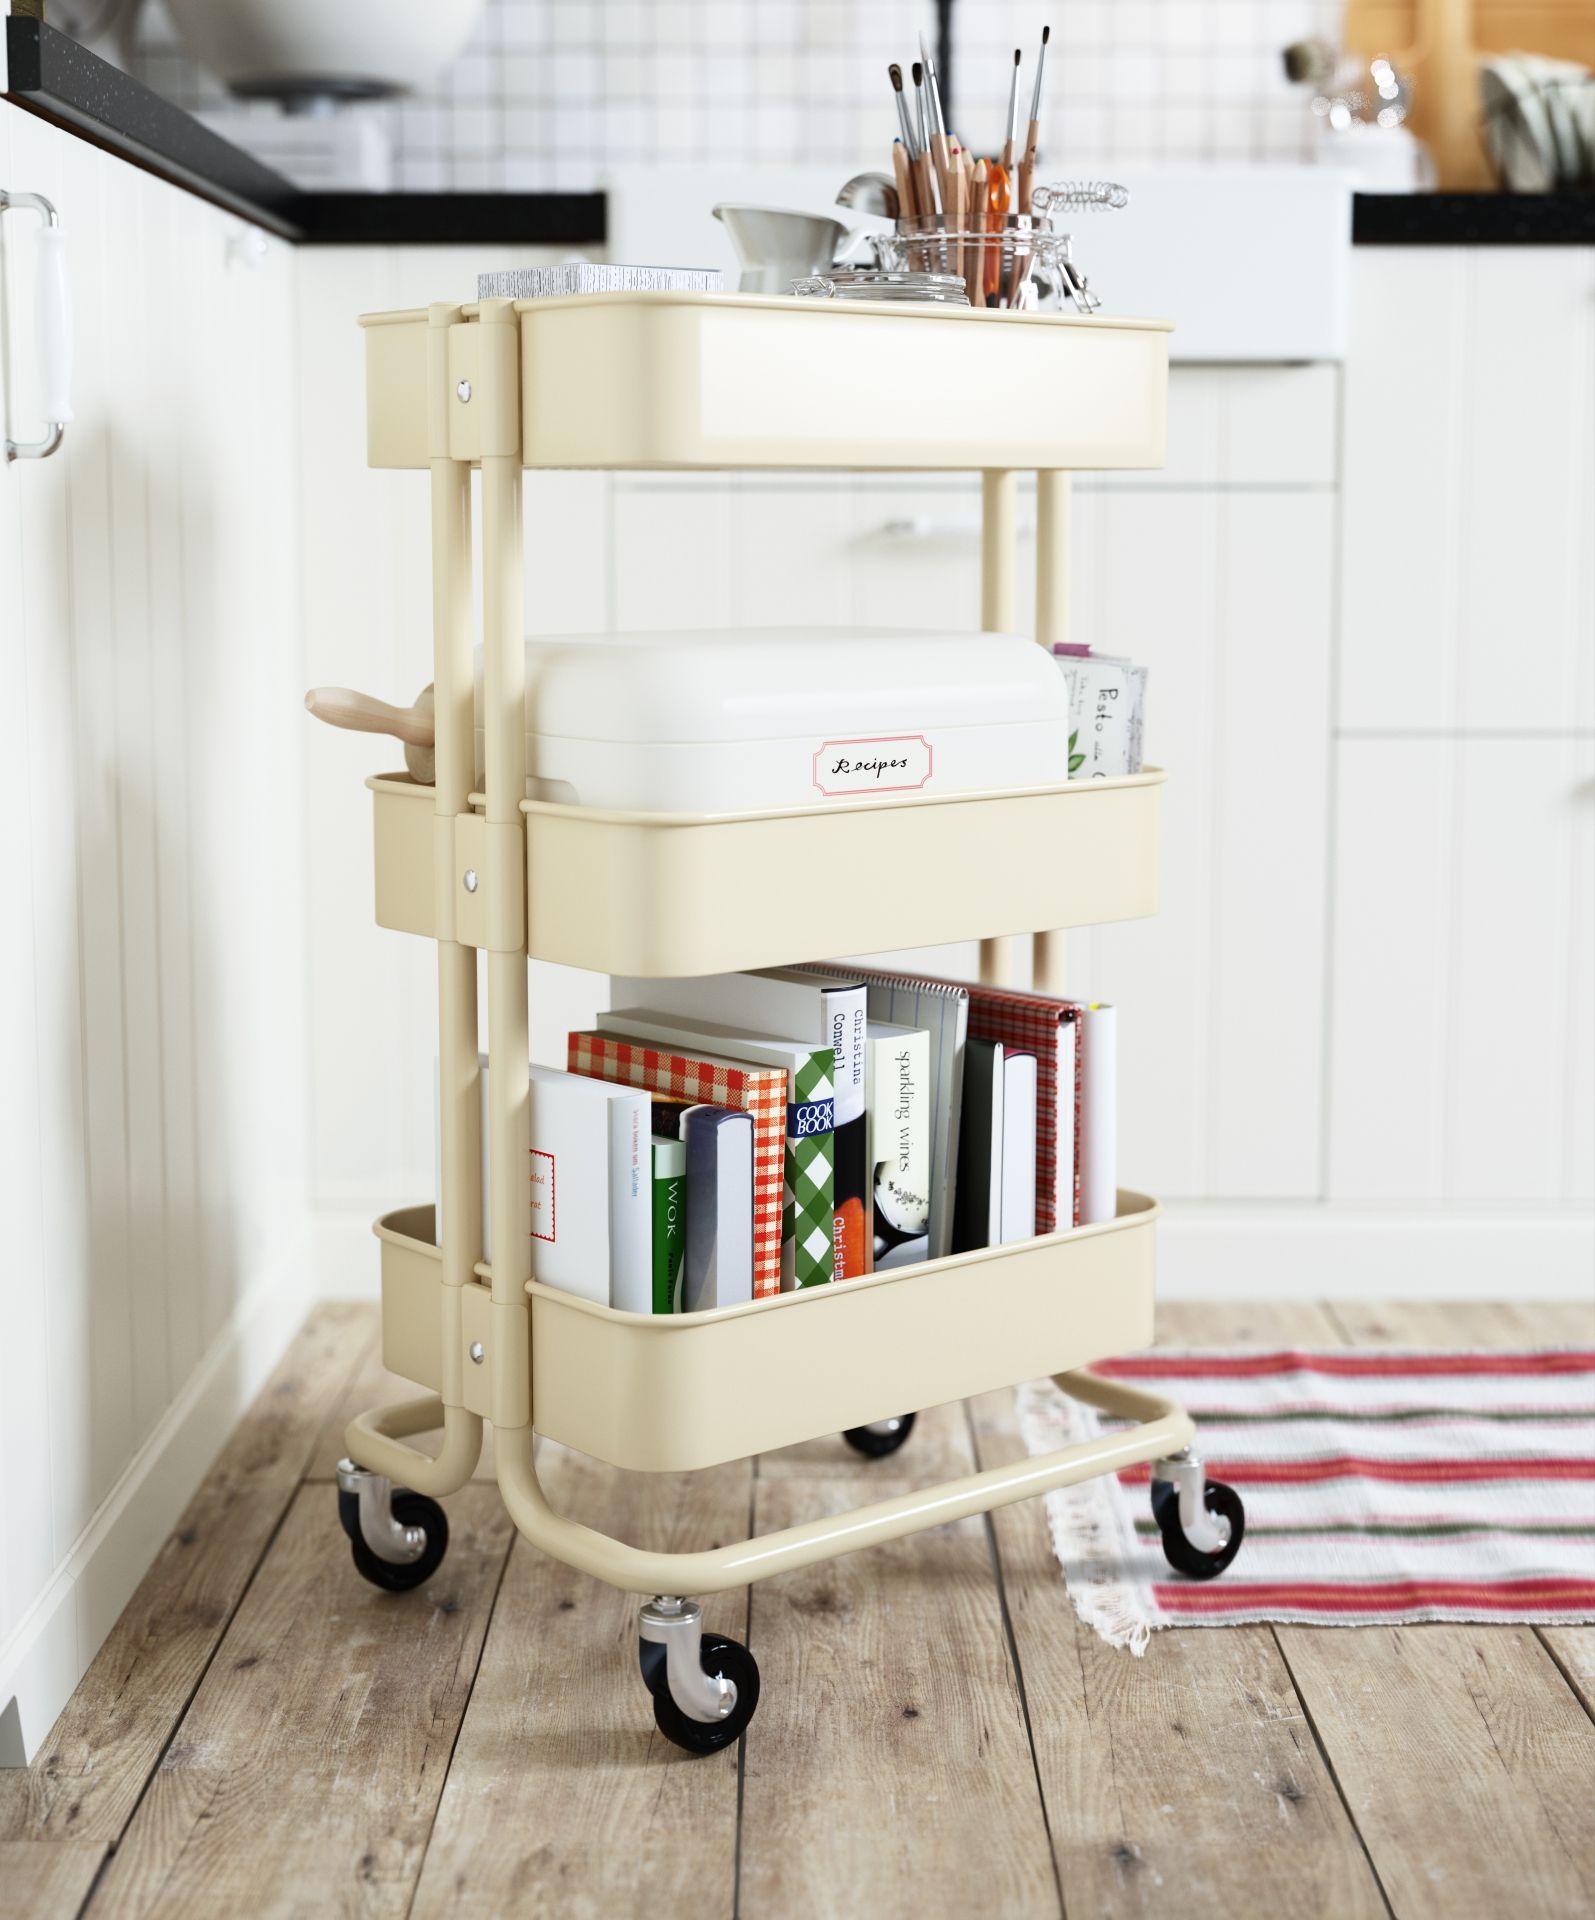 Pin By Ikea Dominicana On R Skog Para Todo Pinterest # Muebles Customizados De Ikea